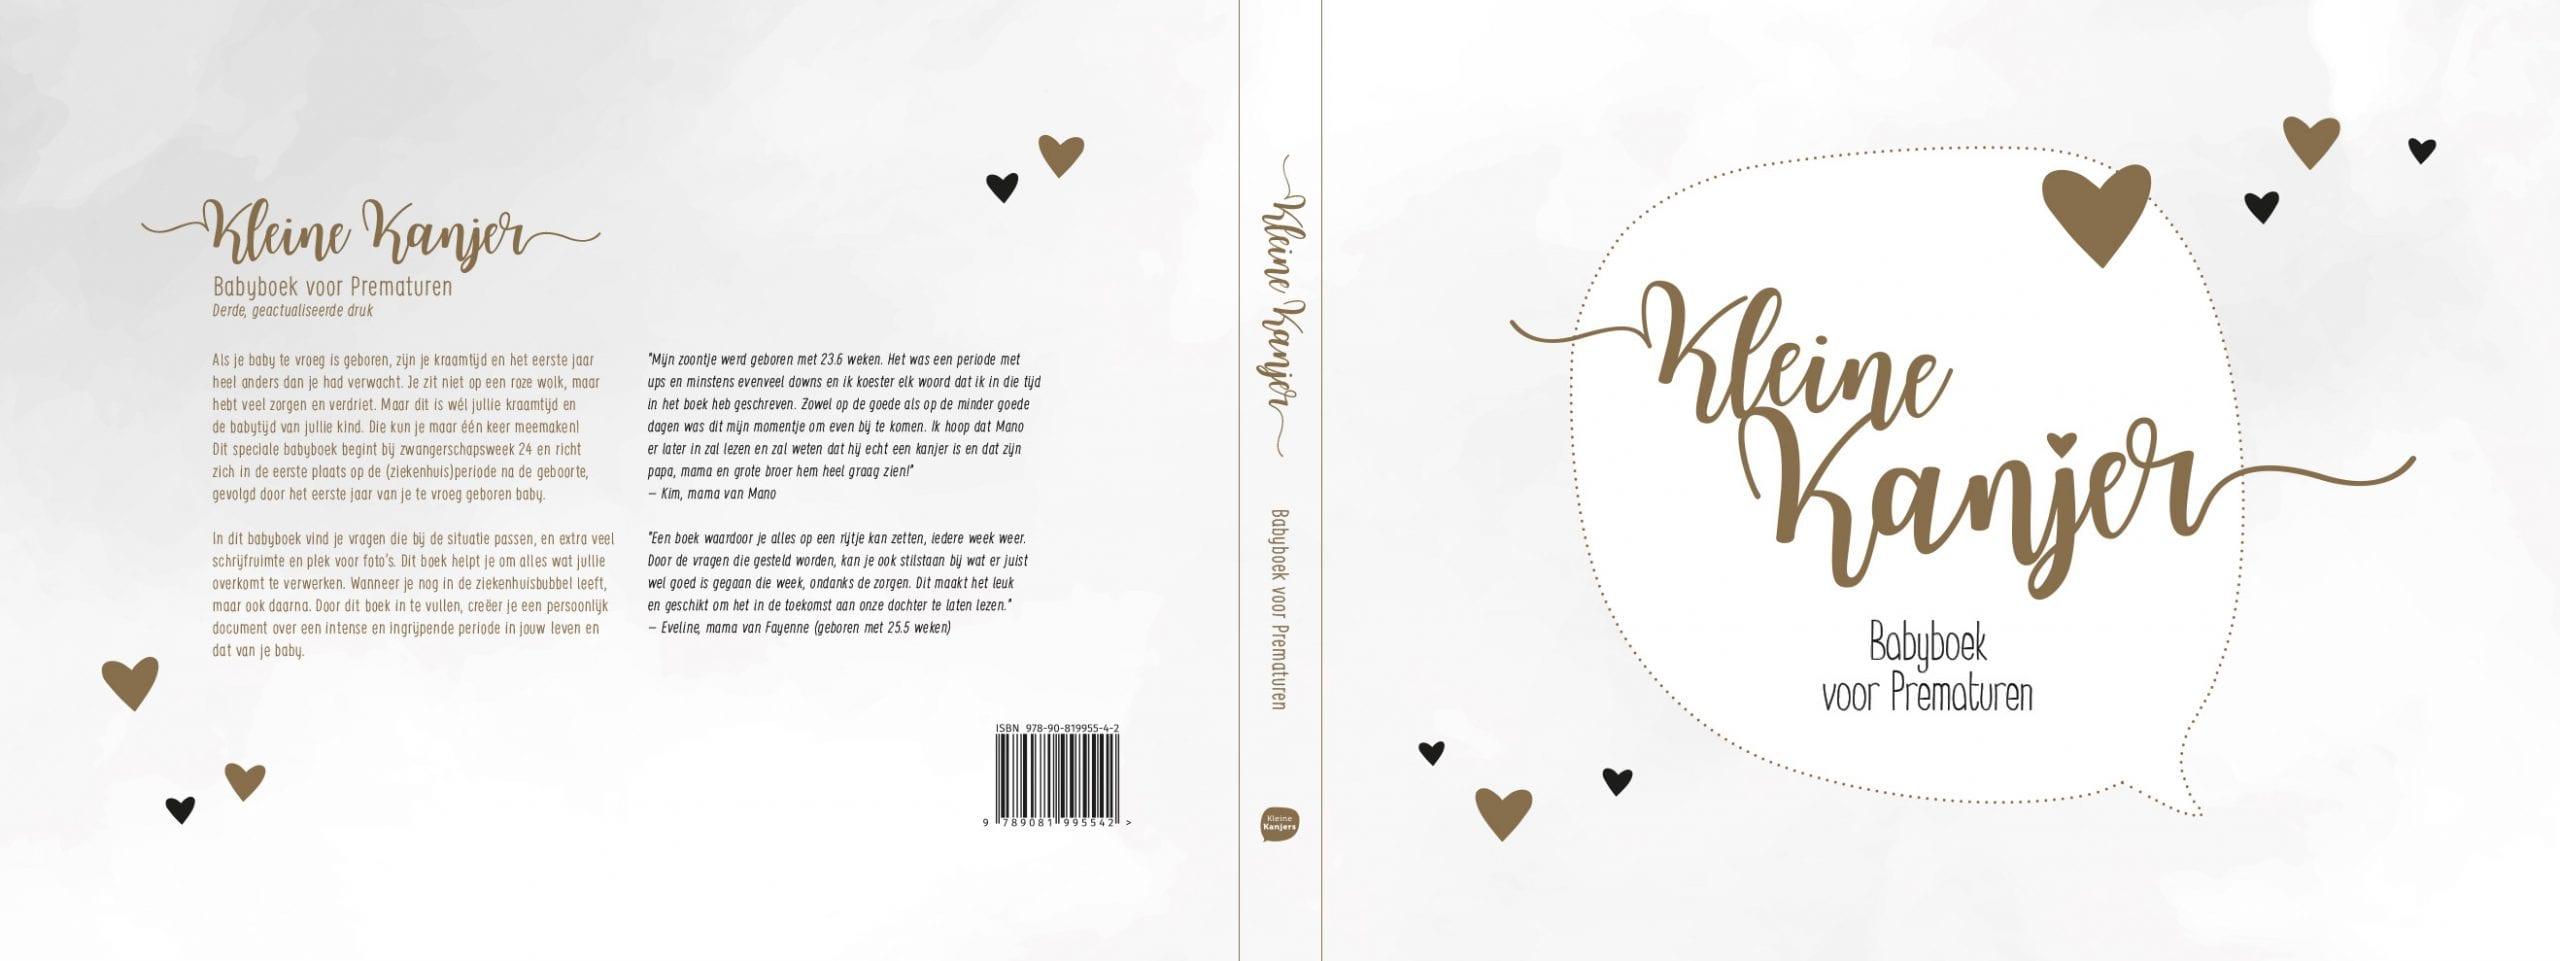 Babyboek voor Prematuren 3 omslag